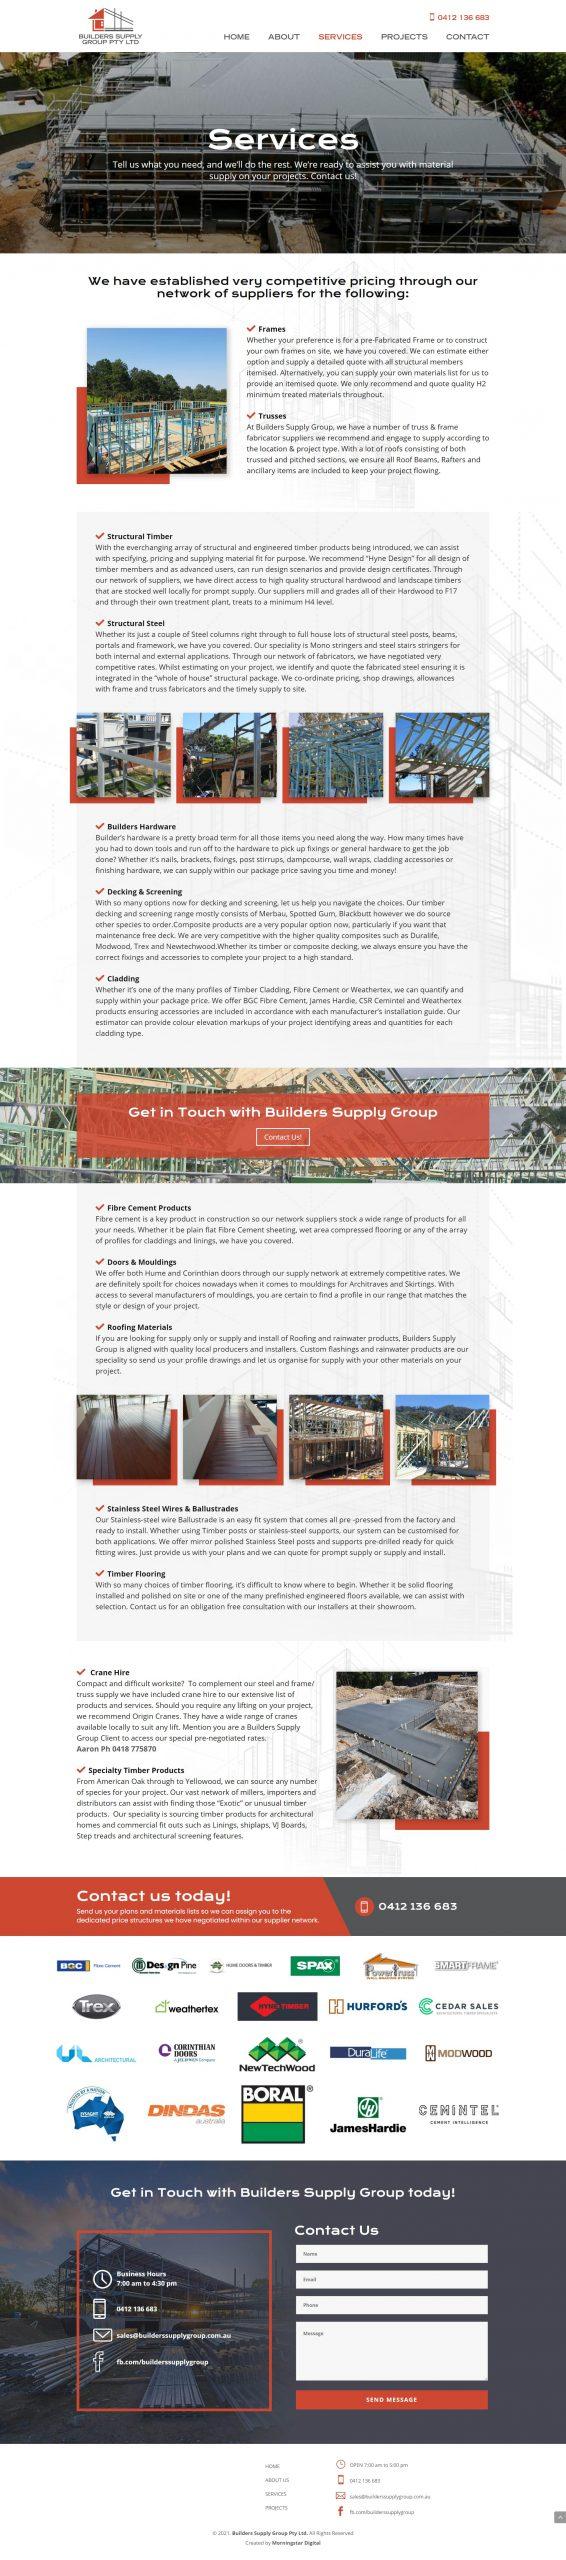 BuildersSupplyGroup Services